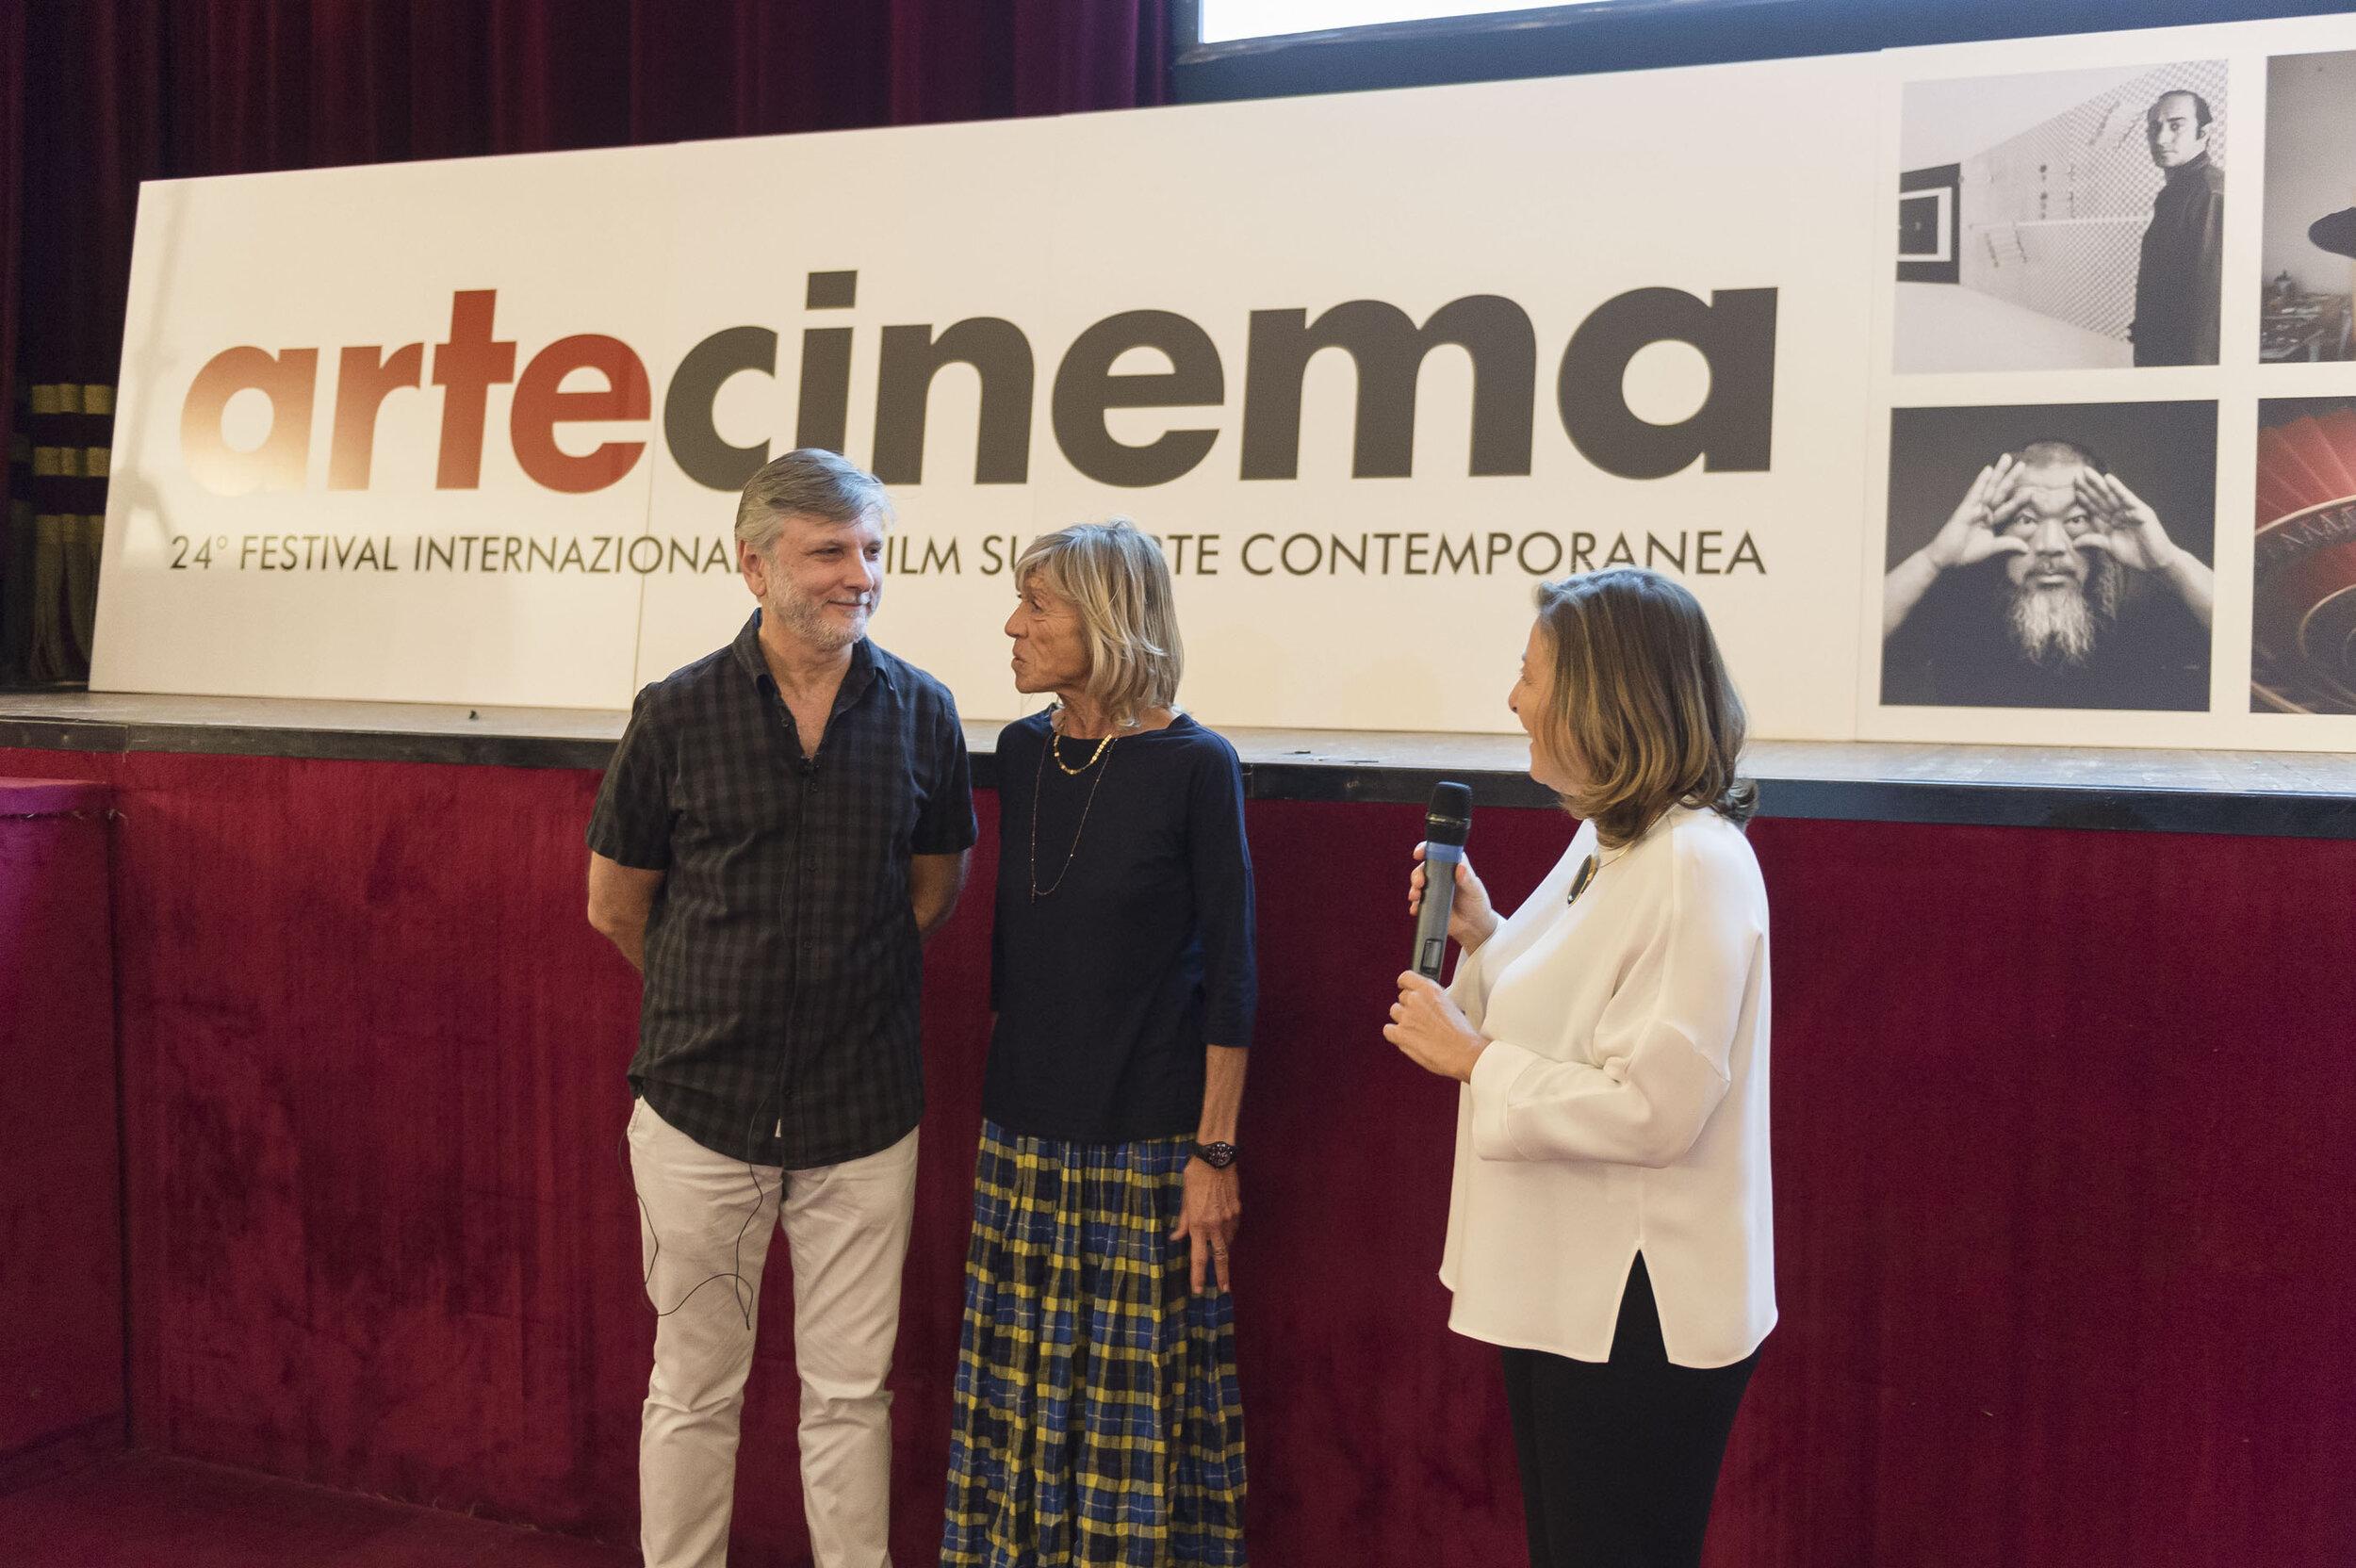 Artecinema 2019_ph Francesco Squeglia_9574.jpg